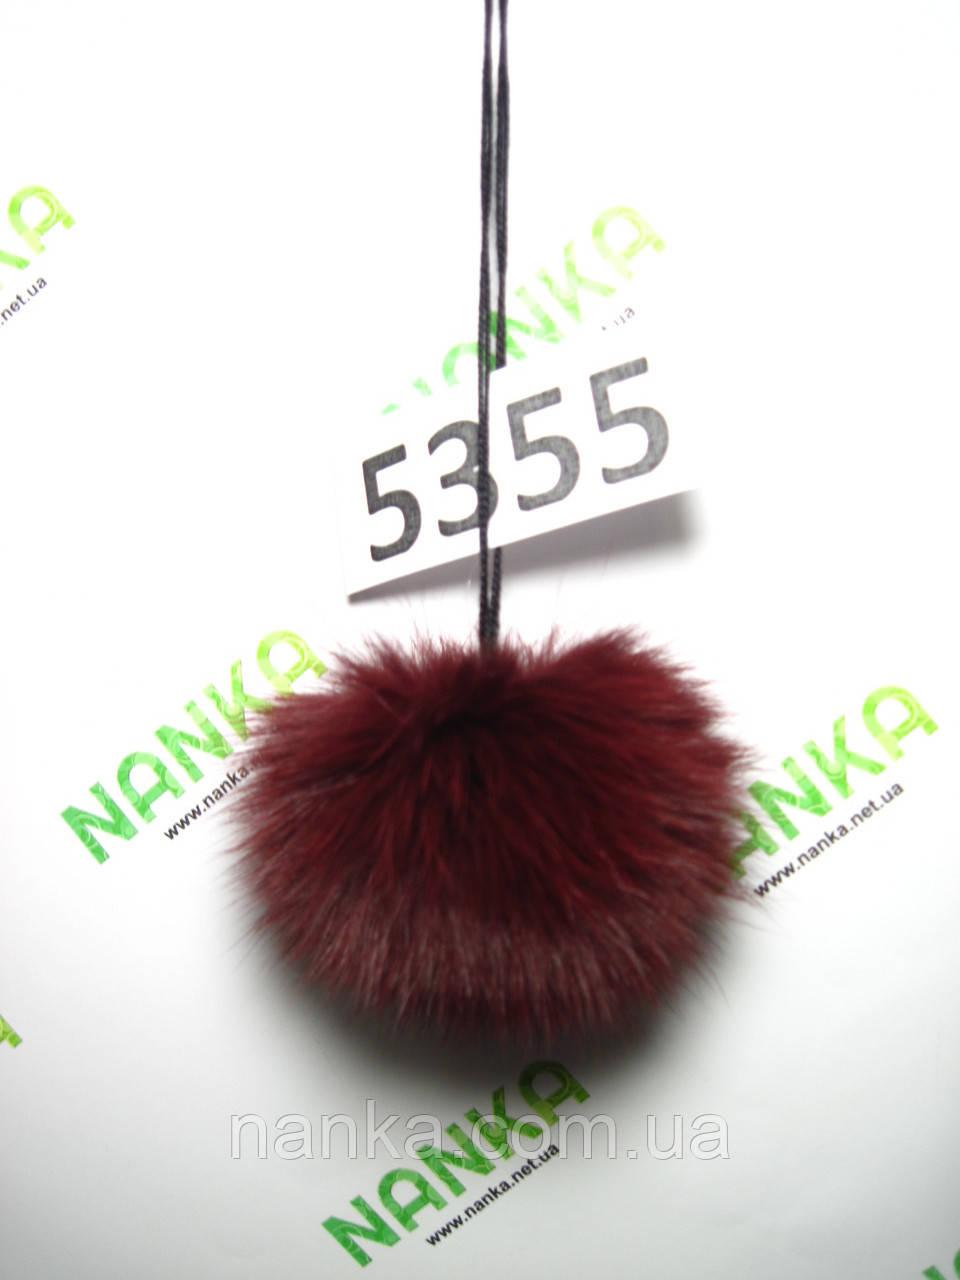 Меховой помпон Кролик, Бордовый, 7 см, 5355